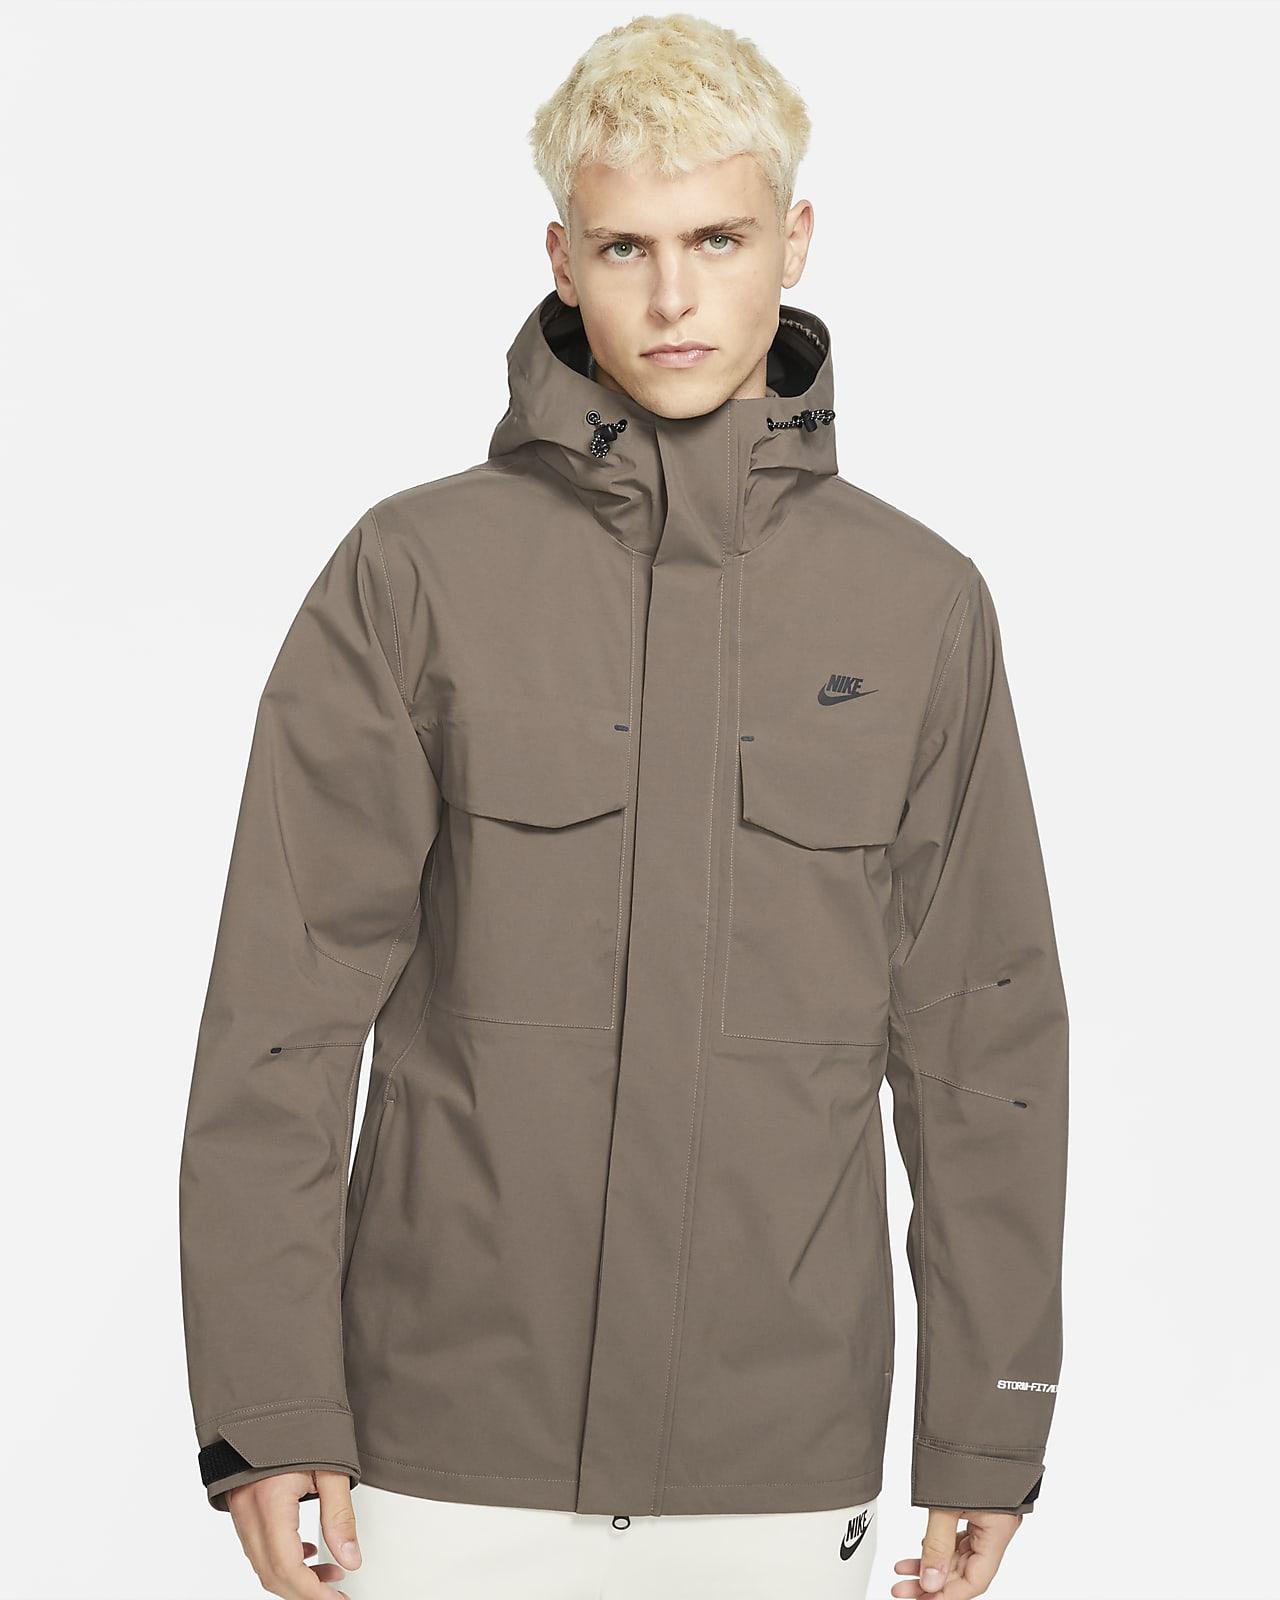 Nike Sportswear Storm-FIT ADV Men's M65 Shell Jacket